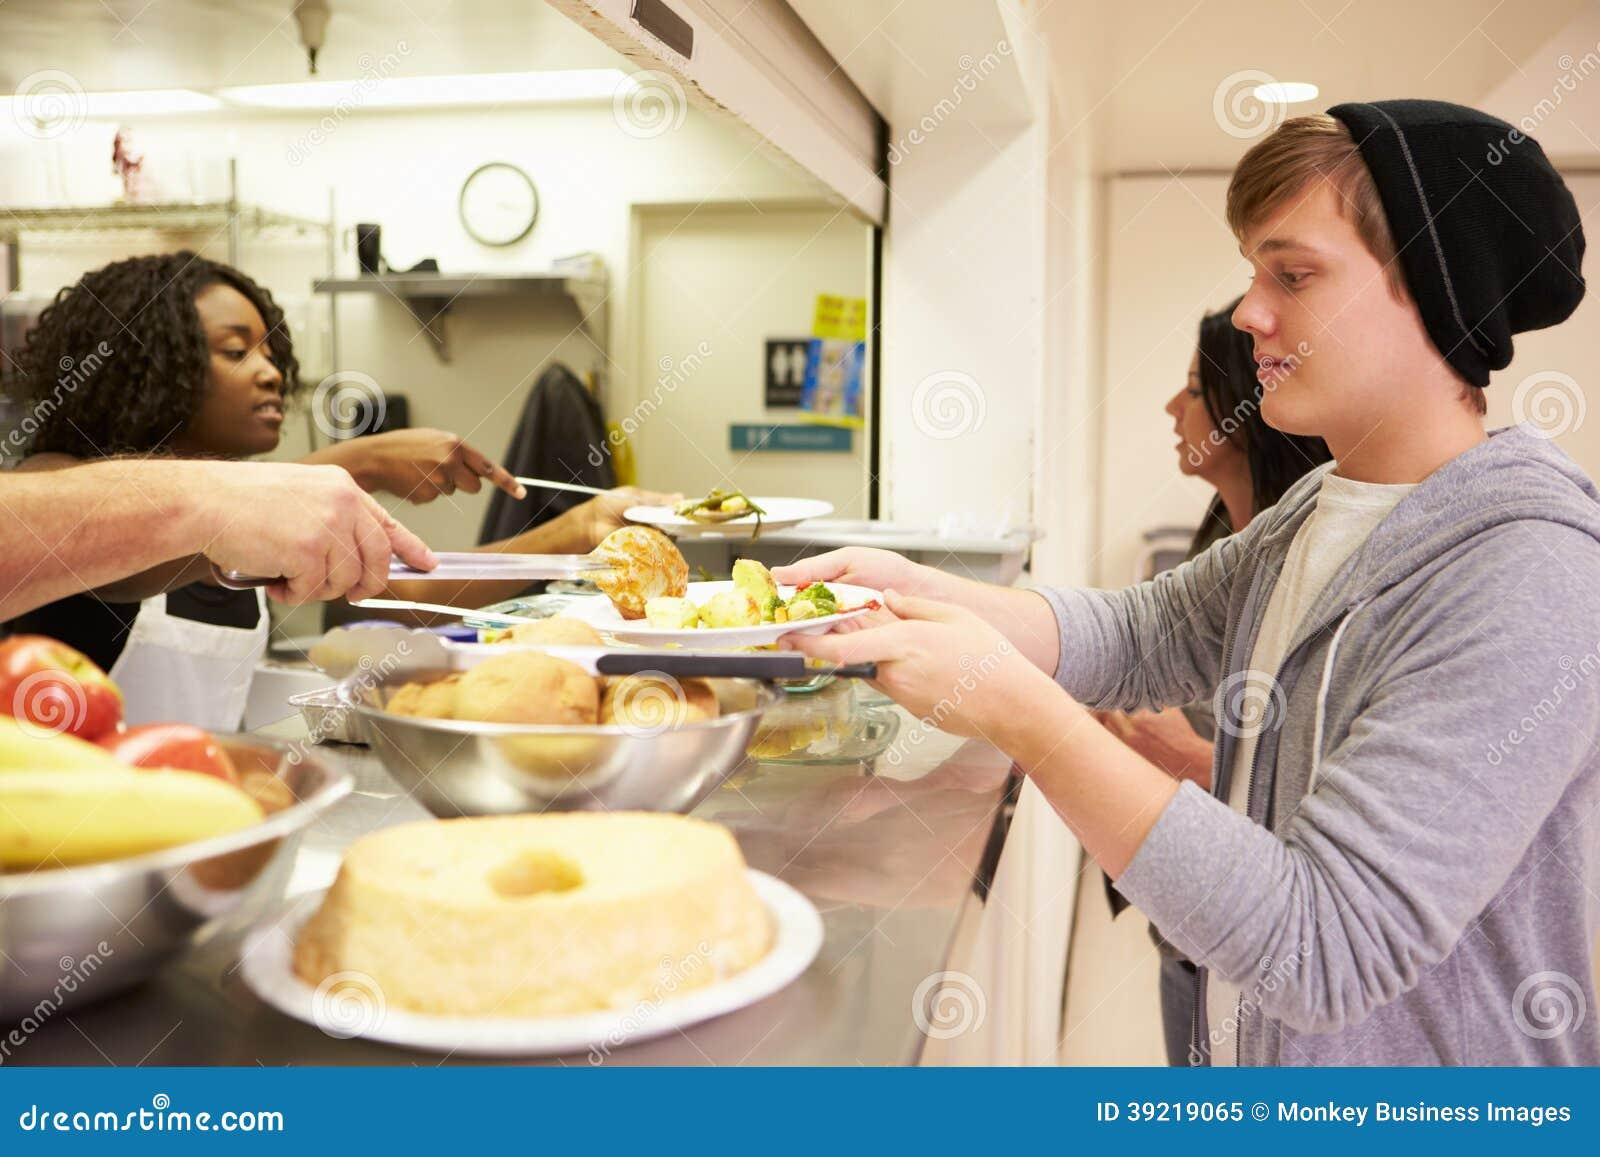 Nourriture de portion de cuisine dans le foyer pour sans-abris